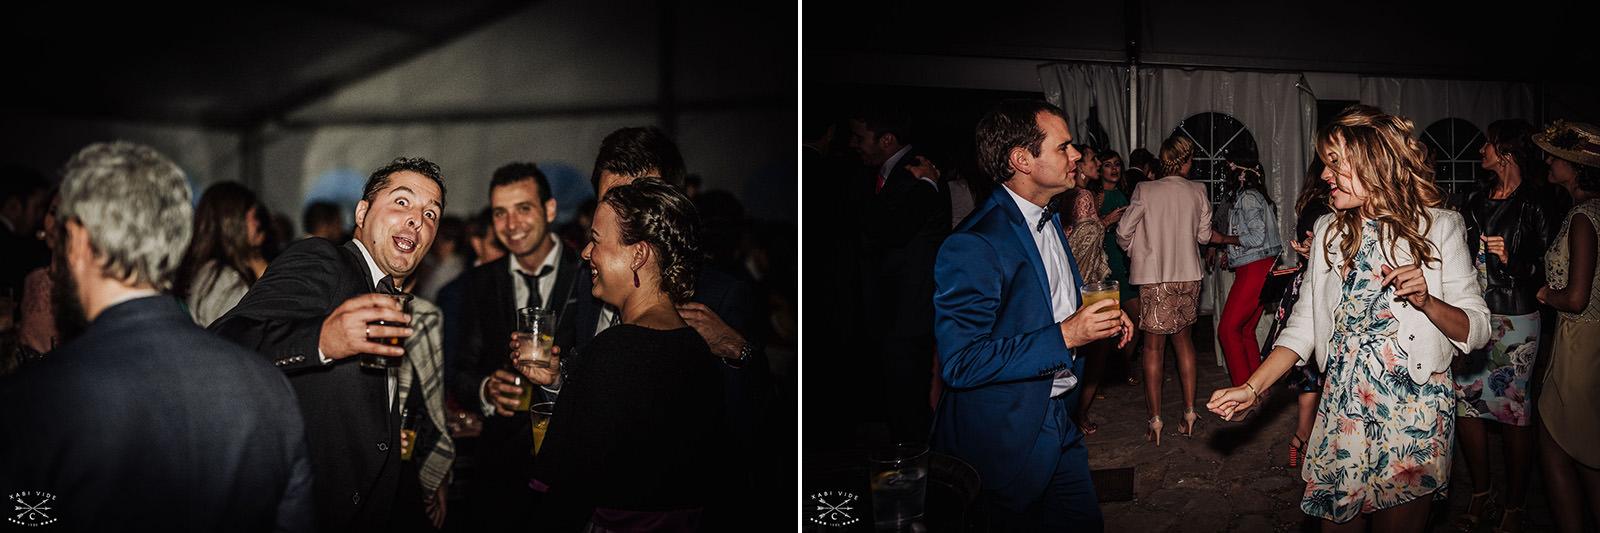 fotógrafo de bodas en calahorra-179